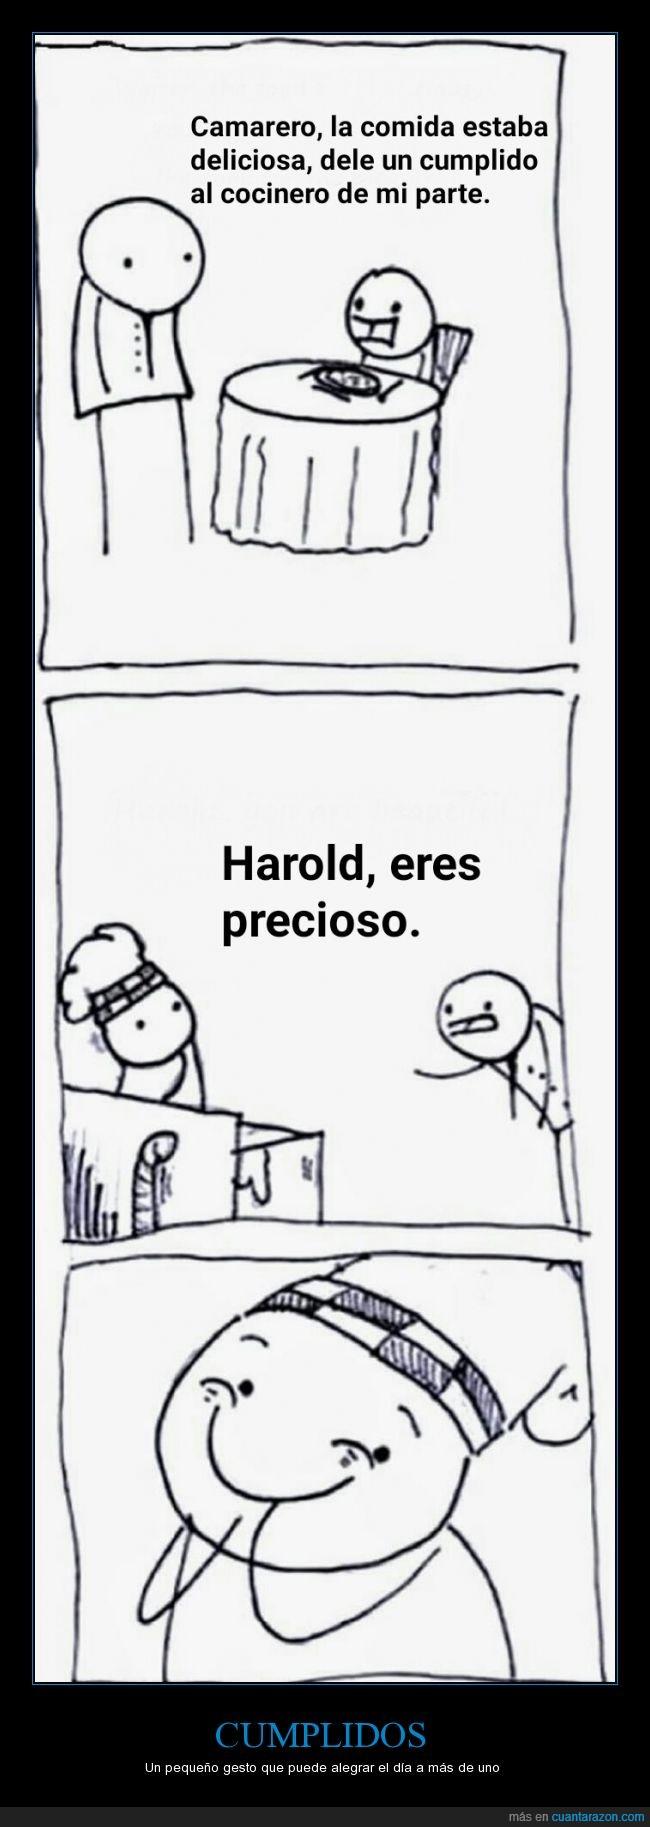 camarero,cocinero,comida,cumplido,feliz,Harold,oh stop it you,precioso